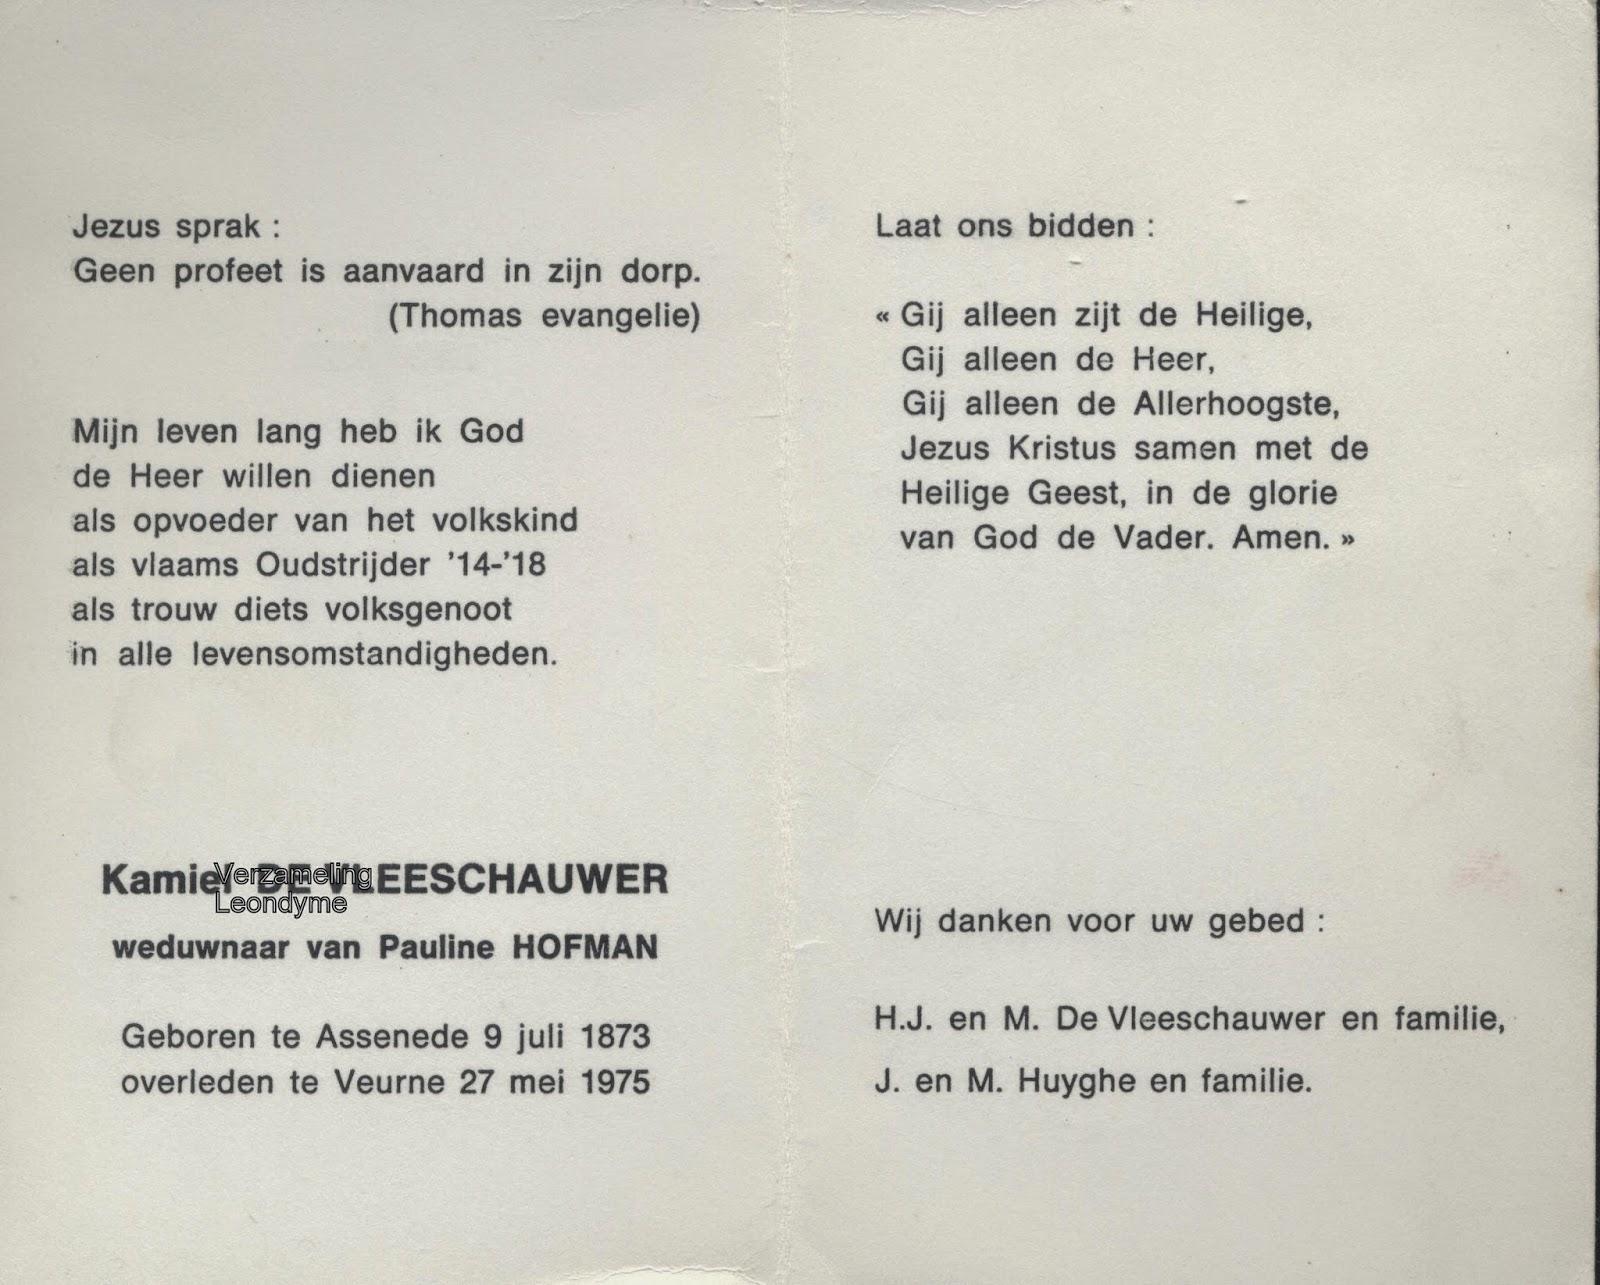 Bidprentje, Kamiel De Vleeschauwer 1873-1975, oud-strijder 1914-1918. Verzameling Leondyme.